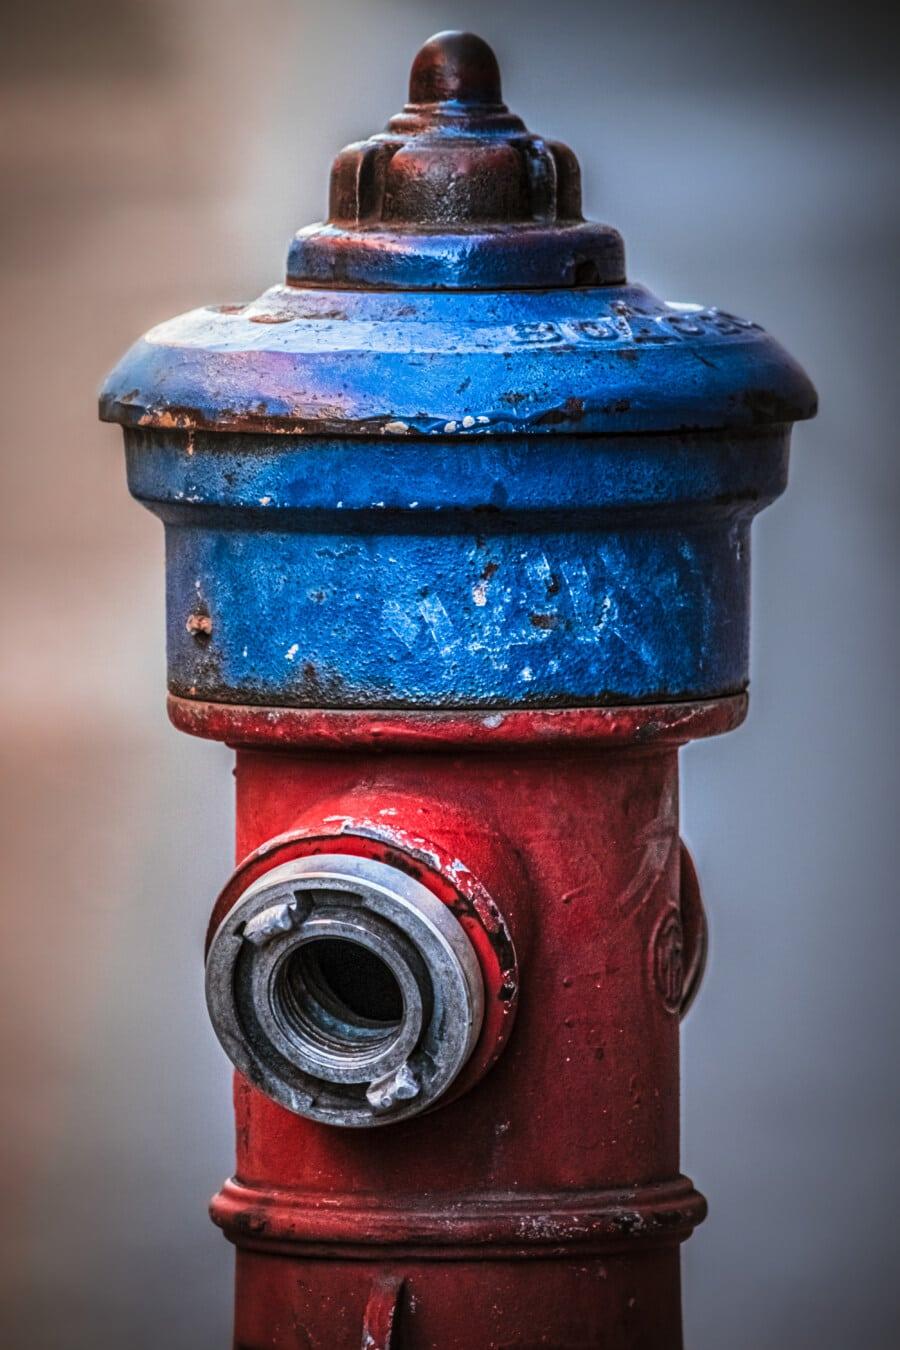 เหล็กหล่อ, สีน้ำเงินเข้ม, ก๊อกน้ำ, เหล็ก, เกิดสนิม, ก๊อกน้ำ, โบราณ, เก่า, ย้อนยุค, วินเทจ